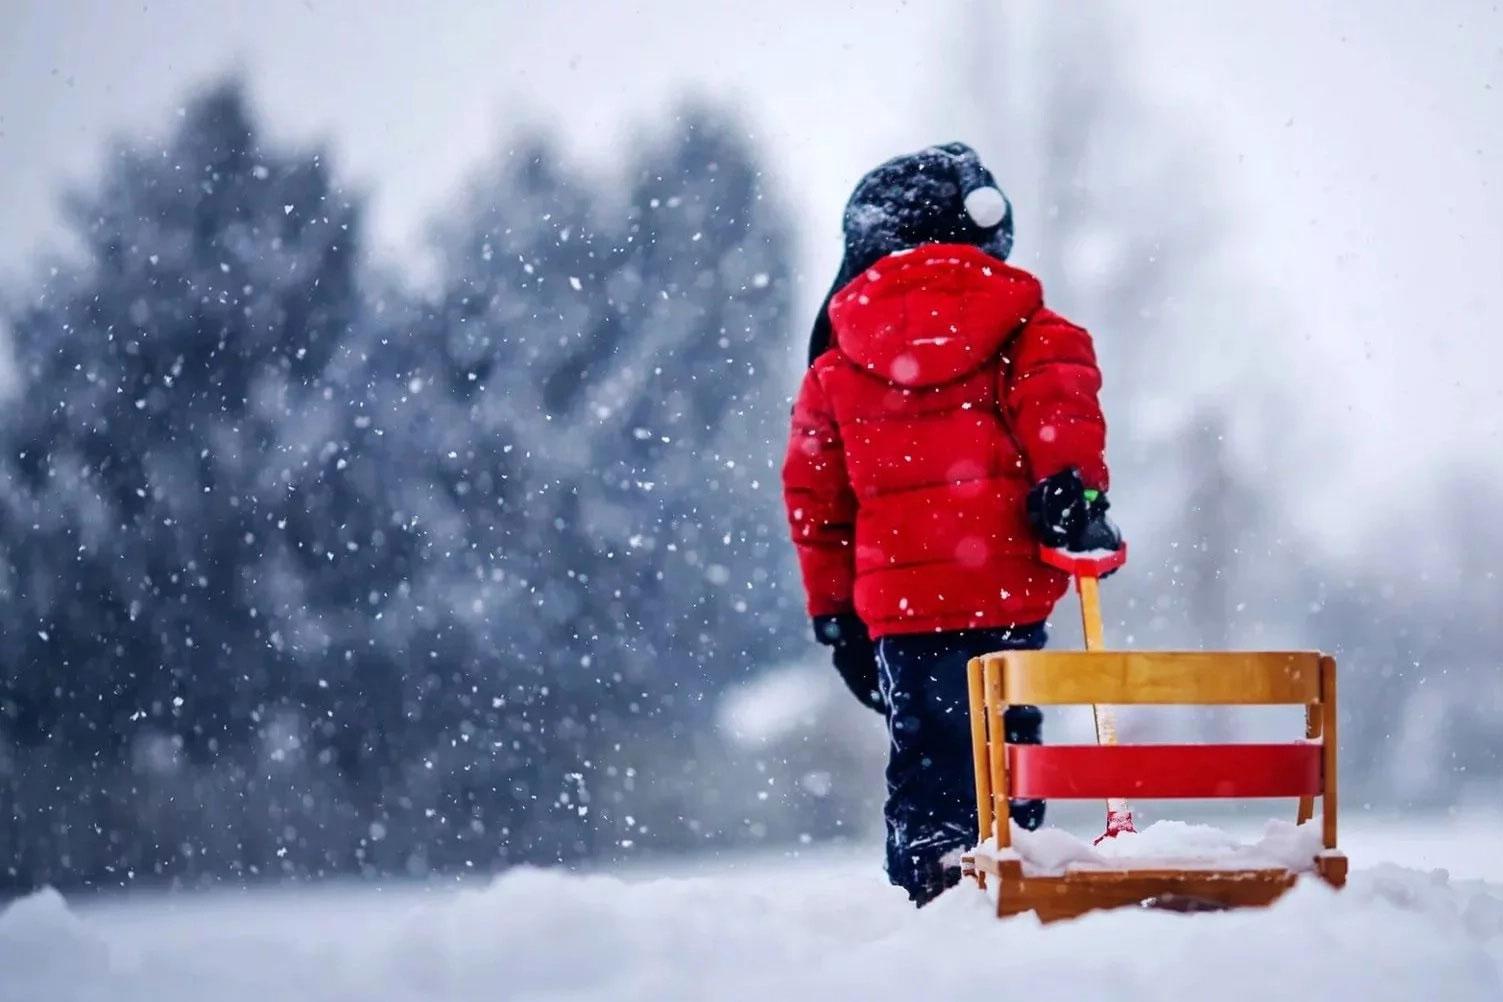 Снегопад вгосударстве Украина: в 3-х областях ограничили движение фур